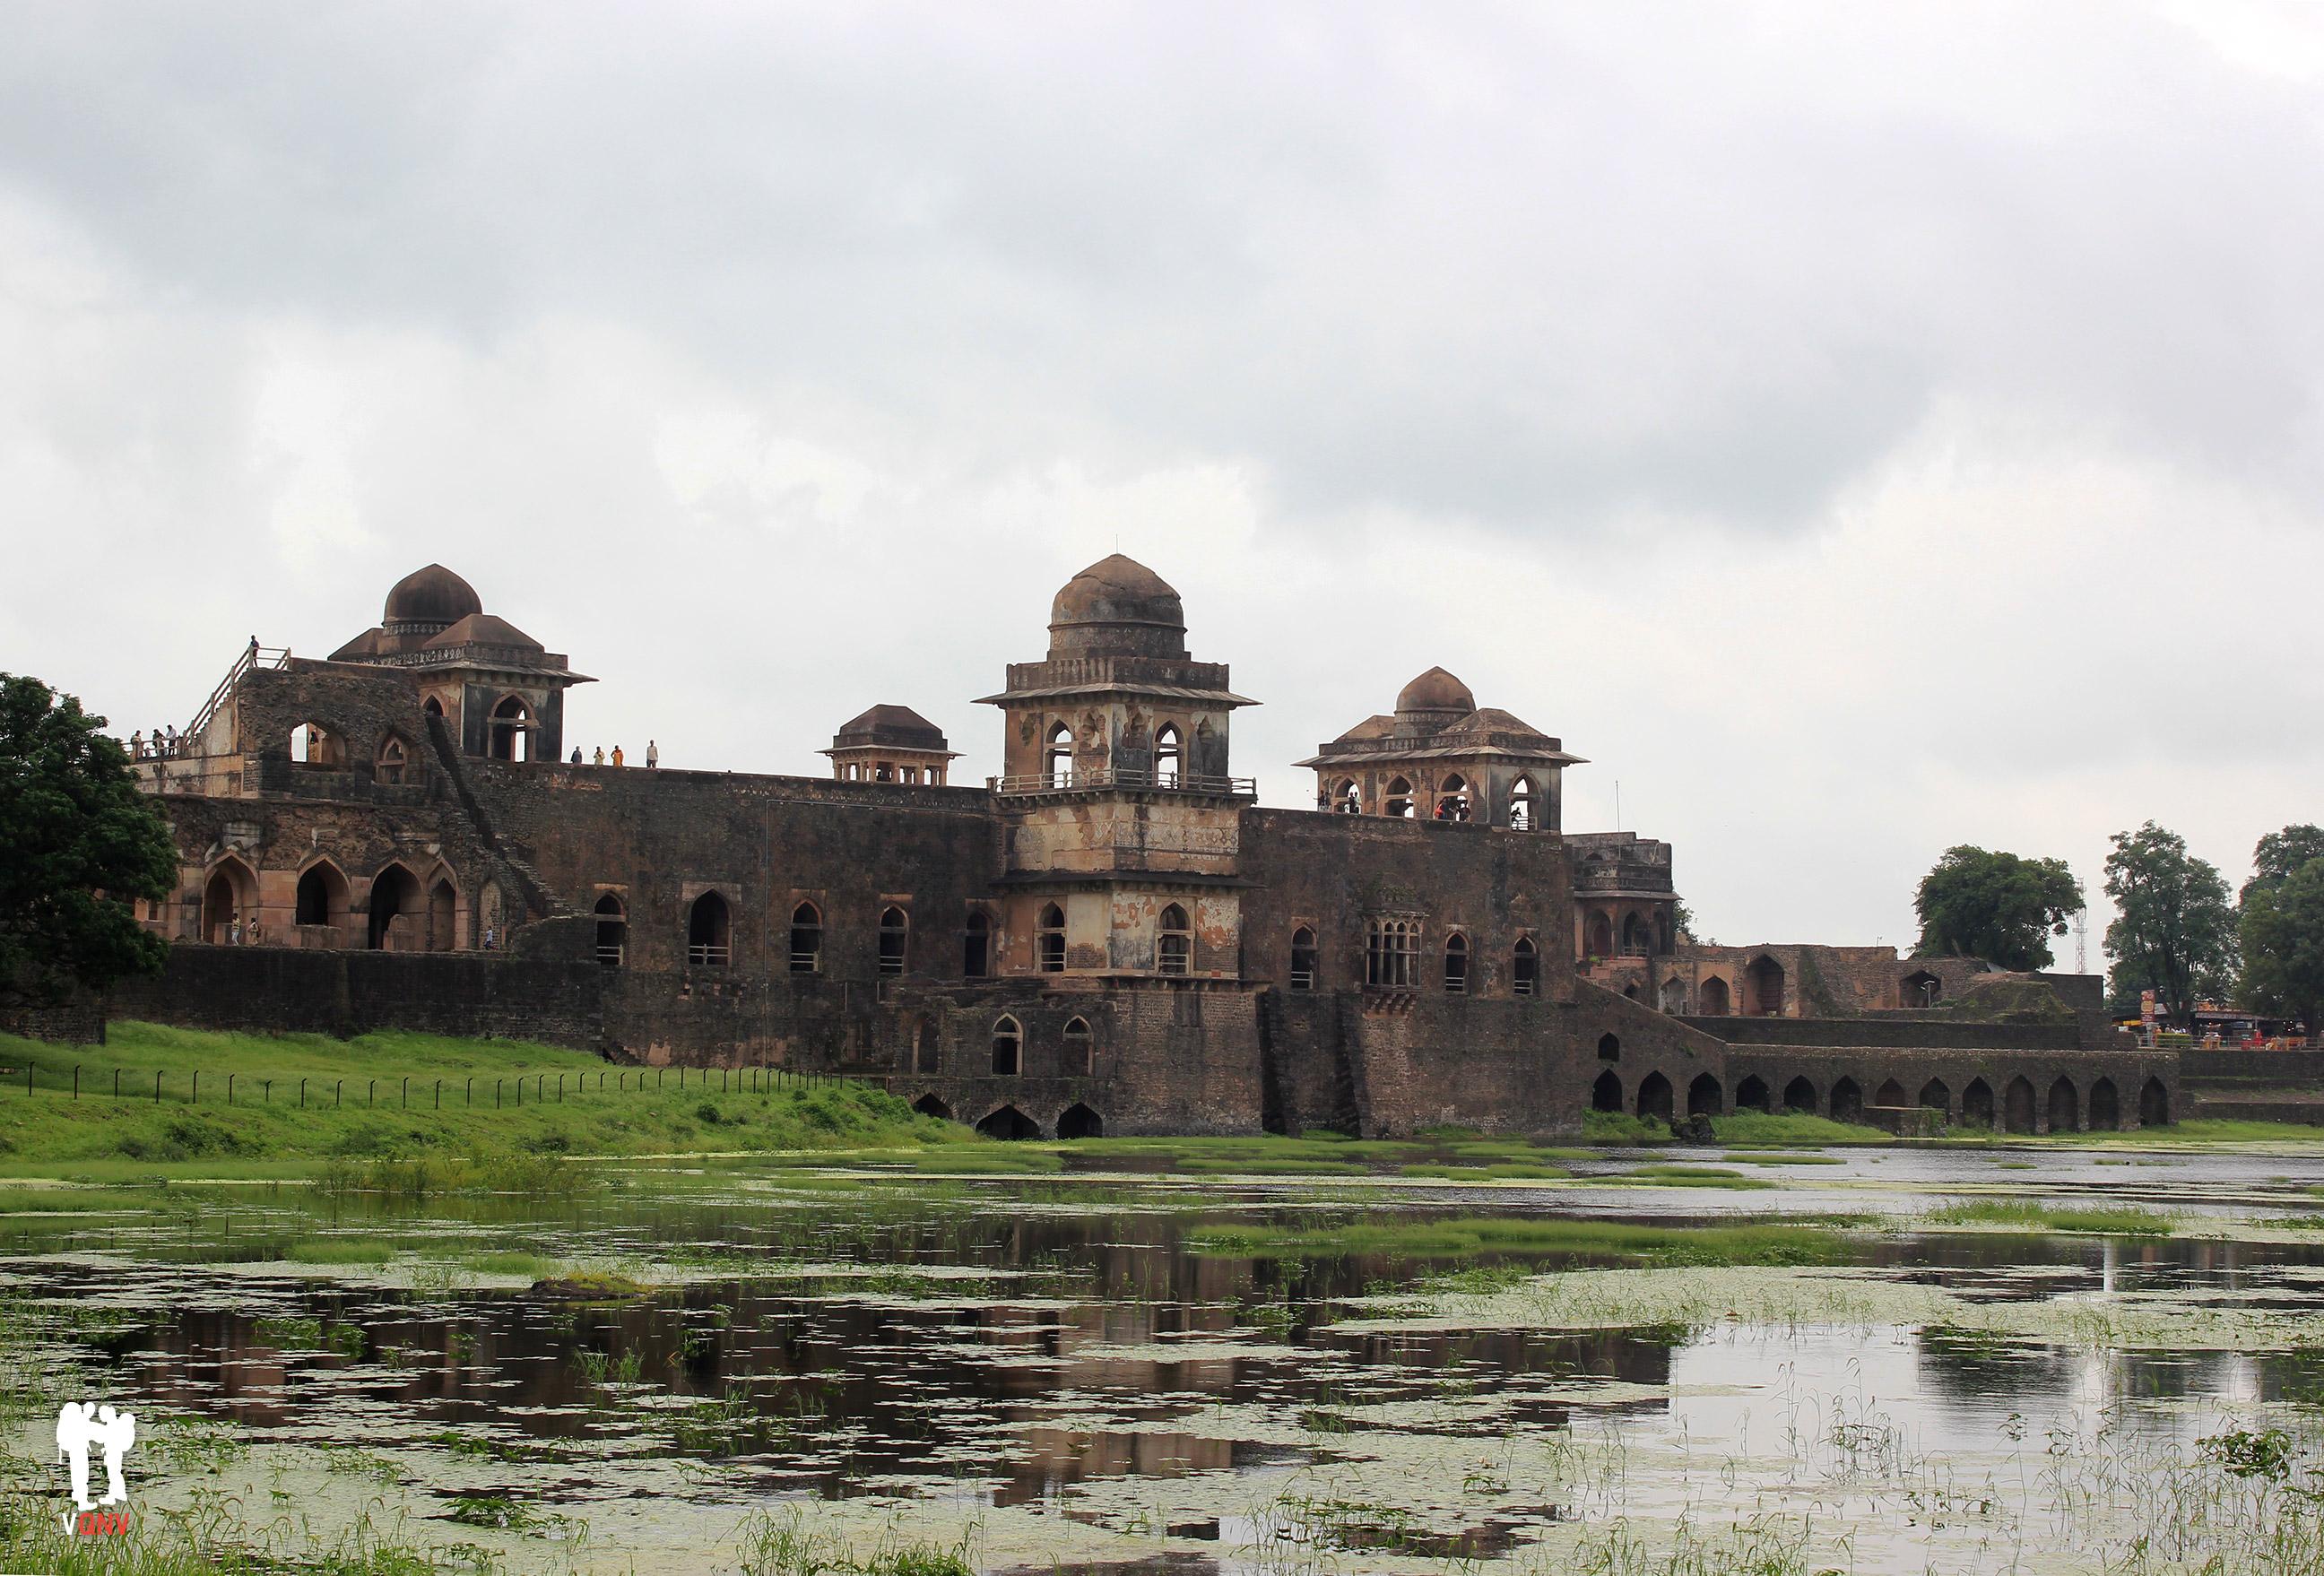 Jahaz Mahal en su apariencia de barco